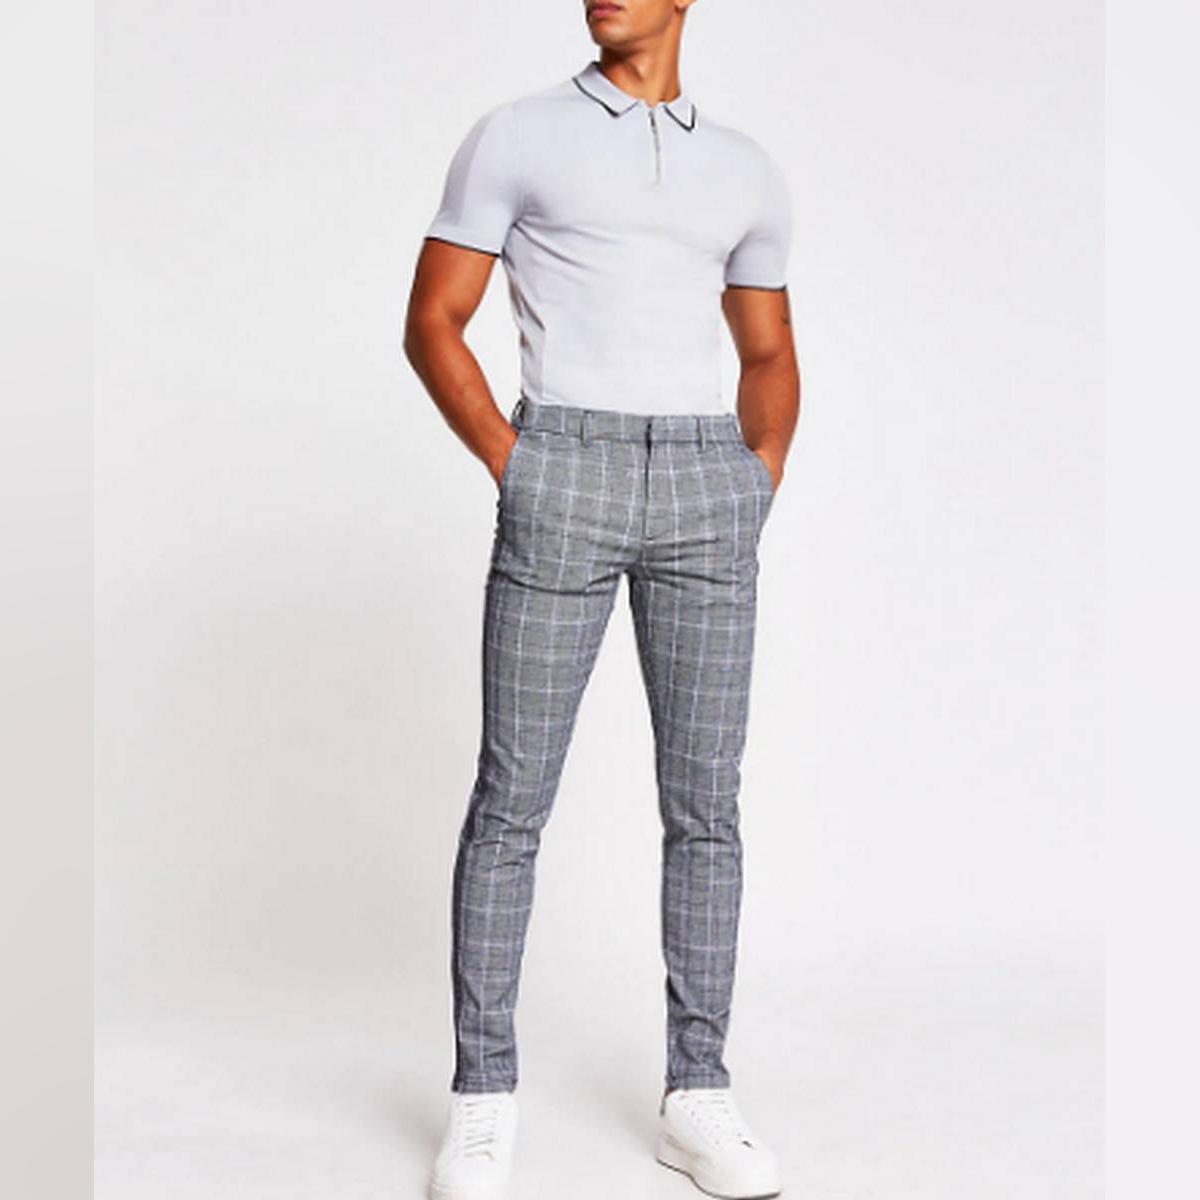 Men's Chinos Grey Check  Skinny Pant